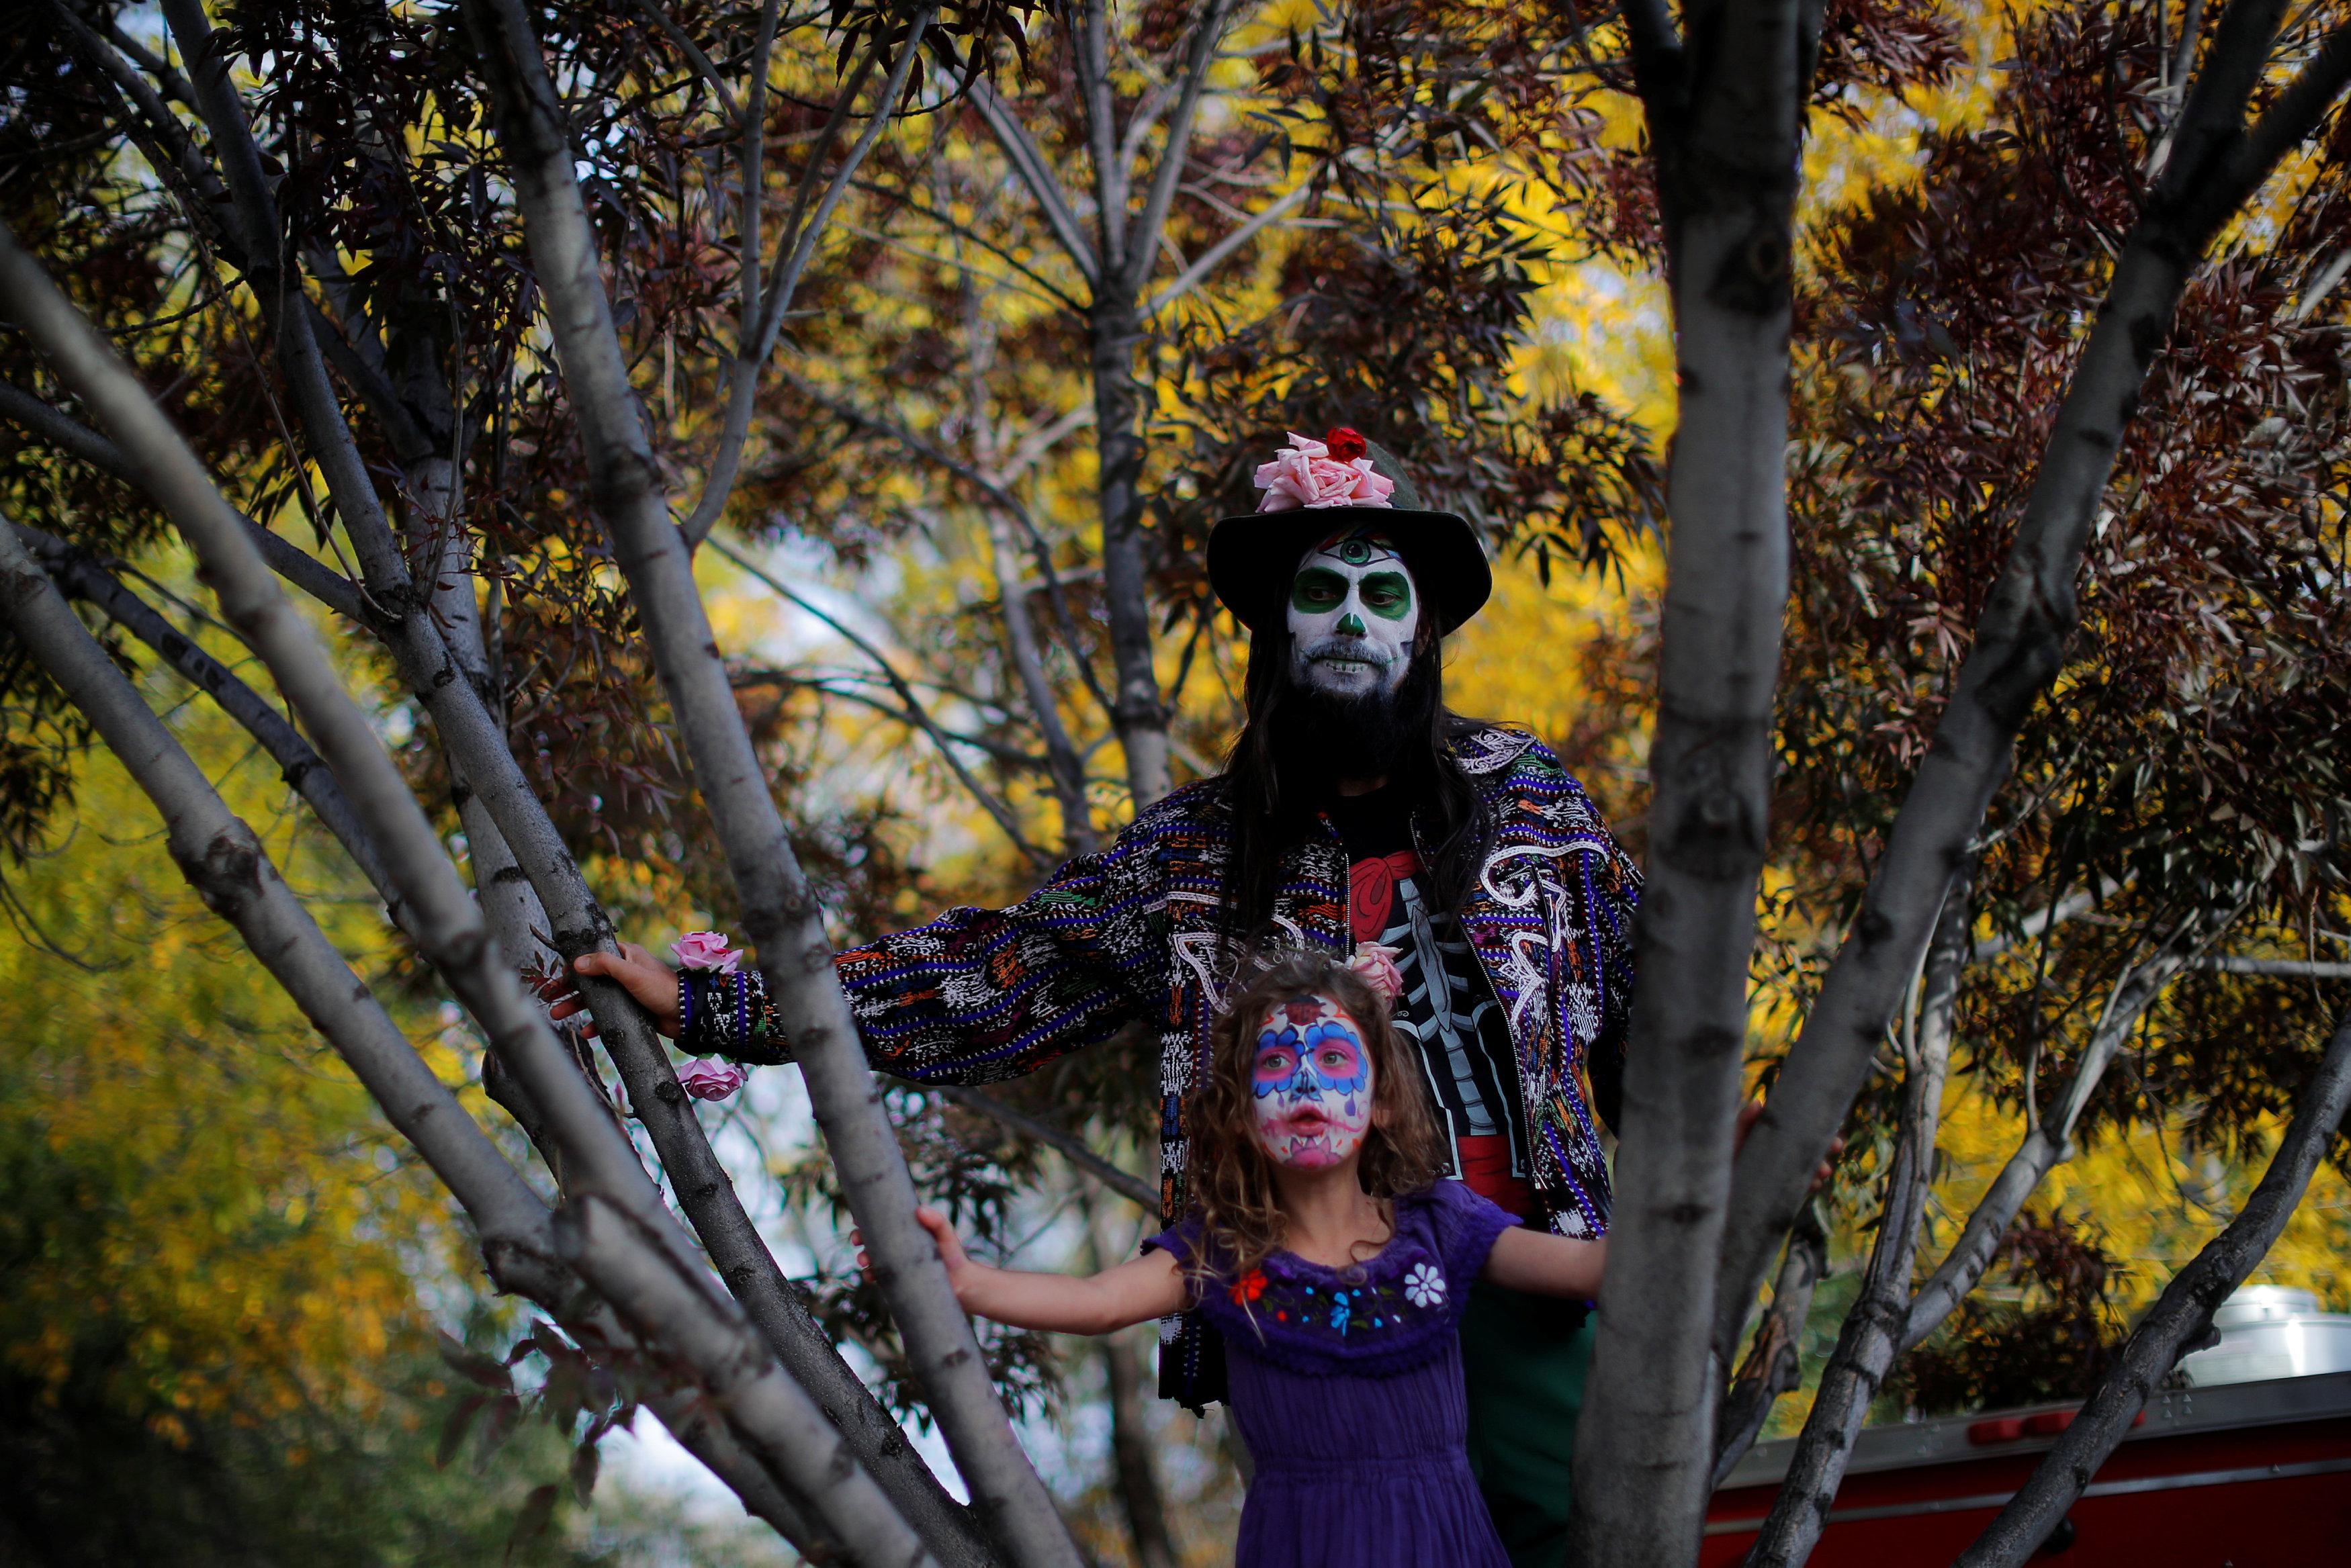 مكسيكيون يحتفلون بـيوم الموتى (2)